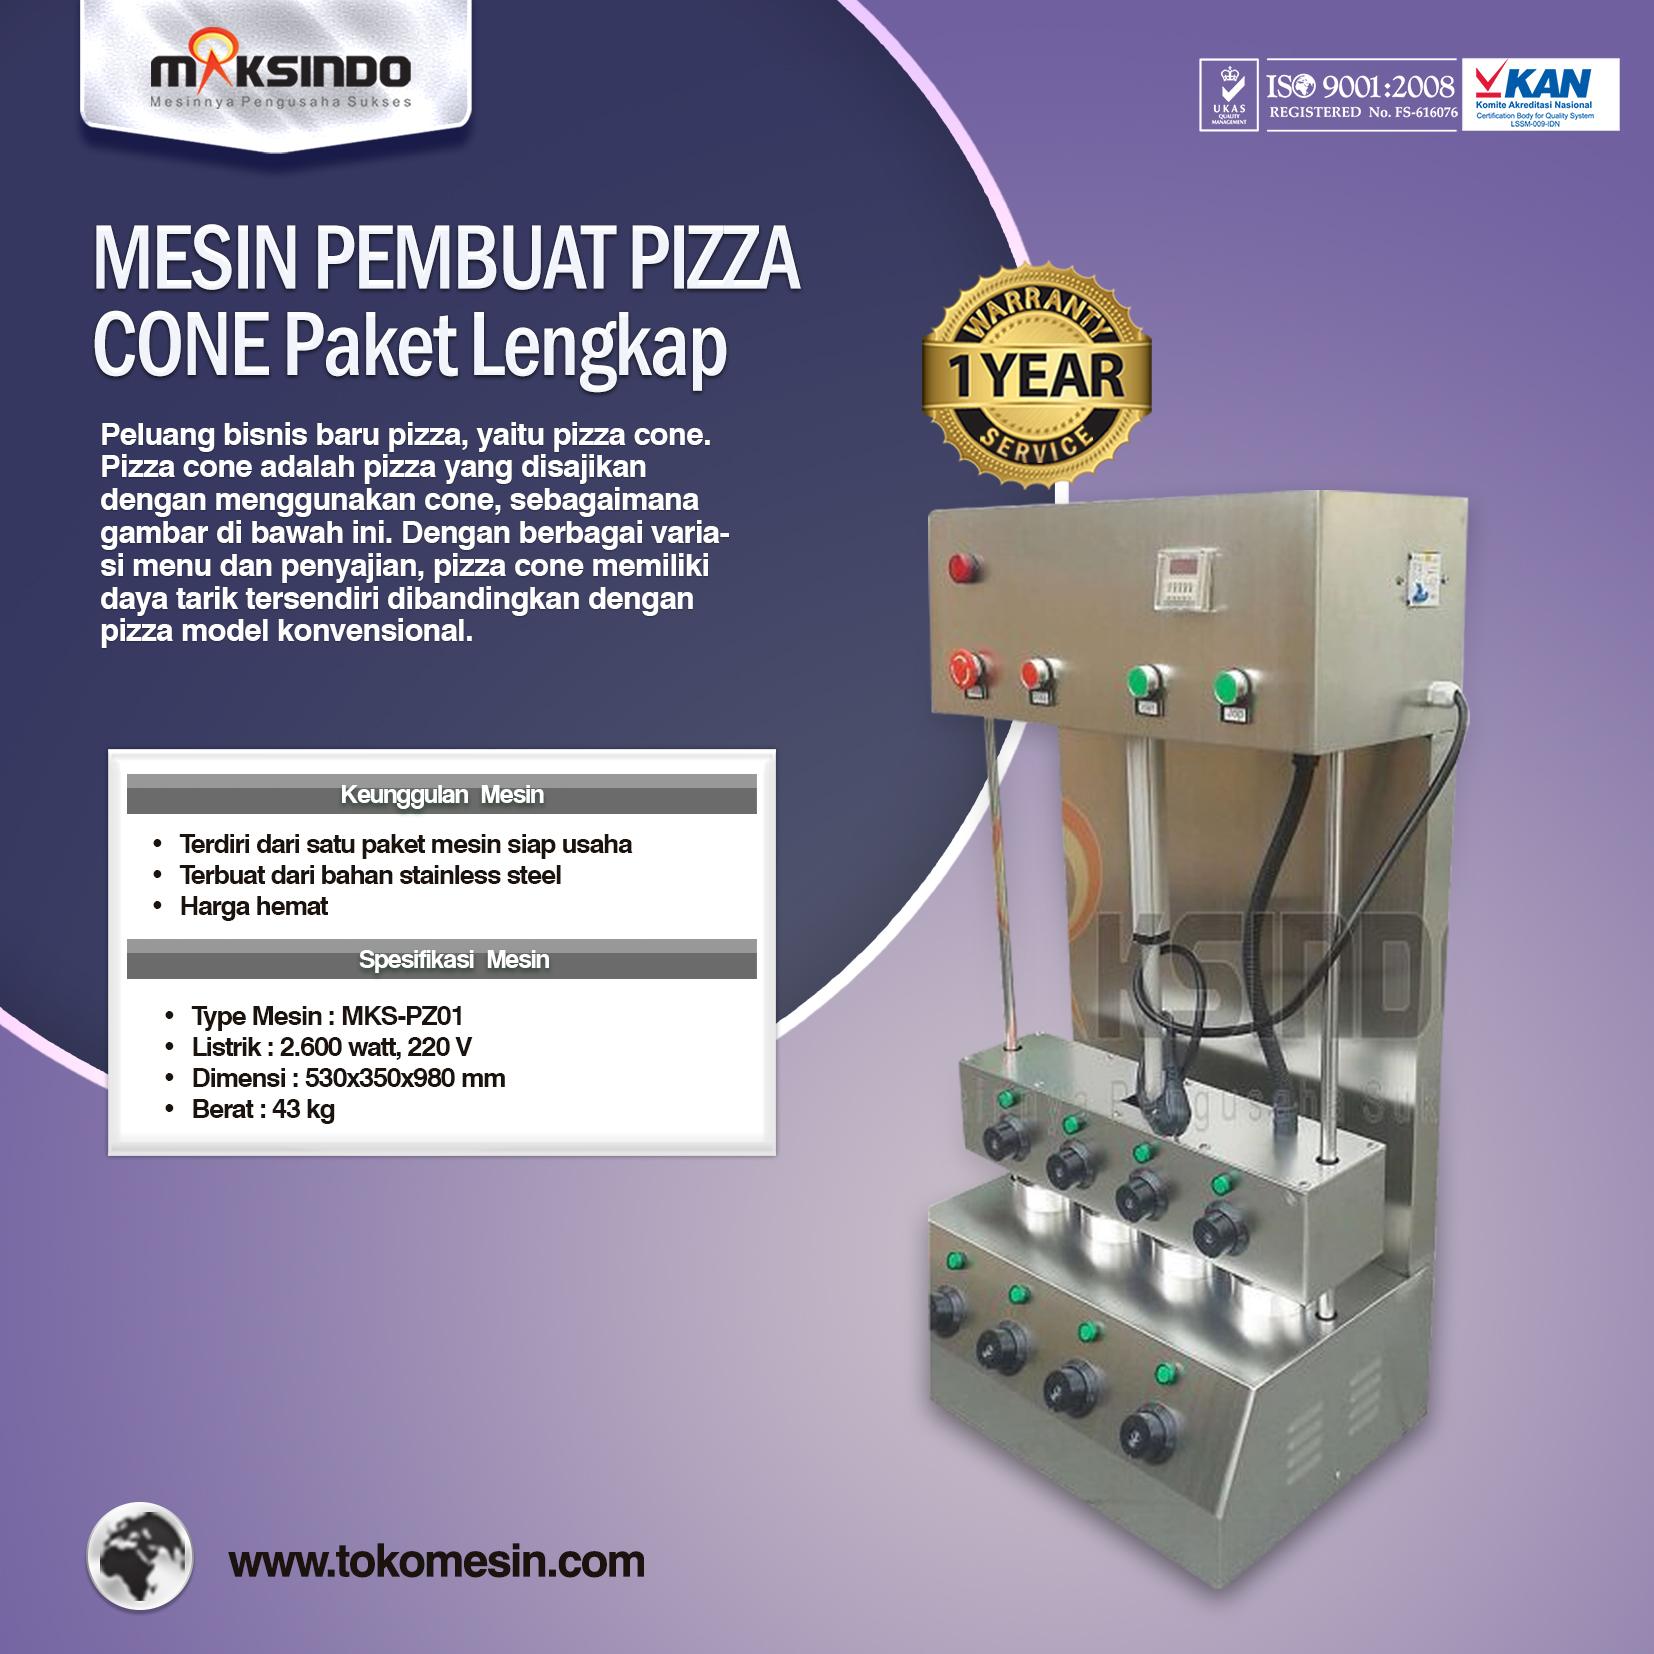 Mesin Pembuat Pizza Cone Paket Lengkap MKS-PZ01